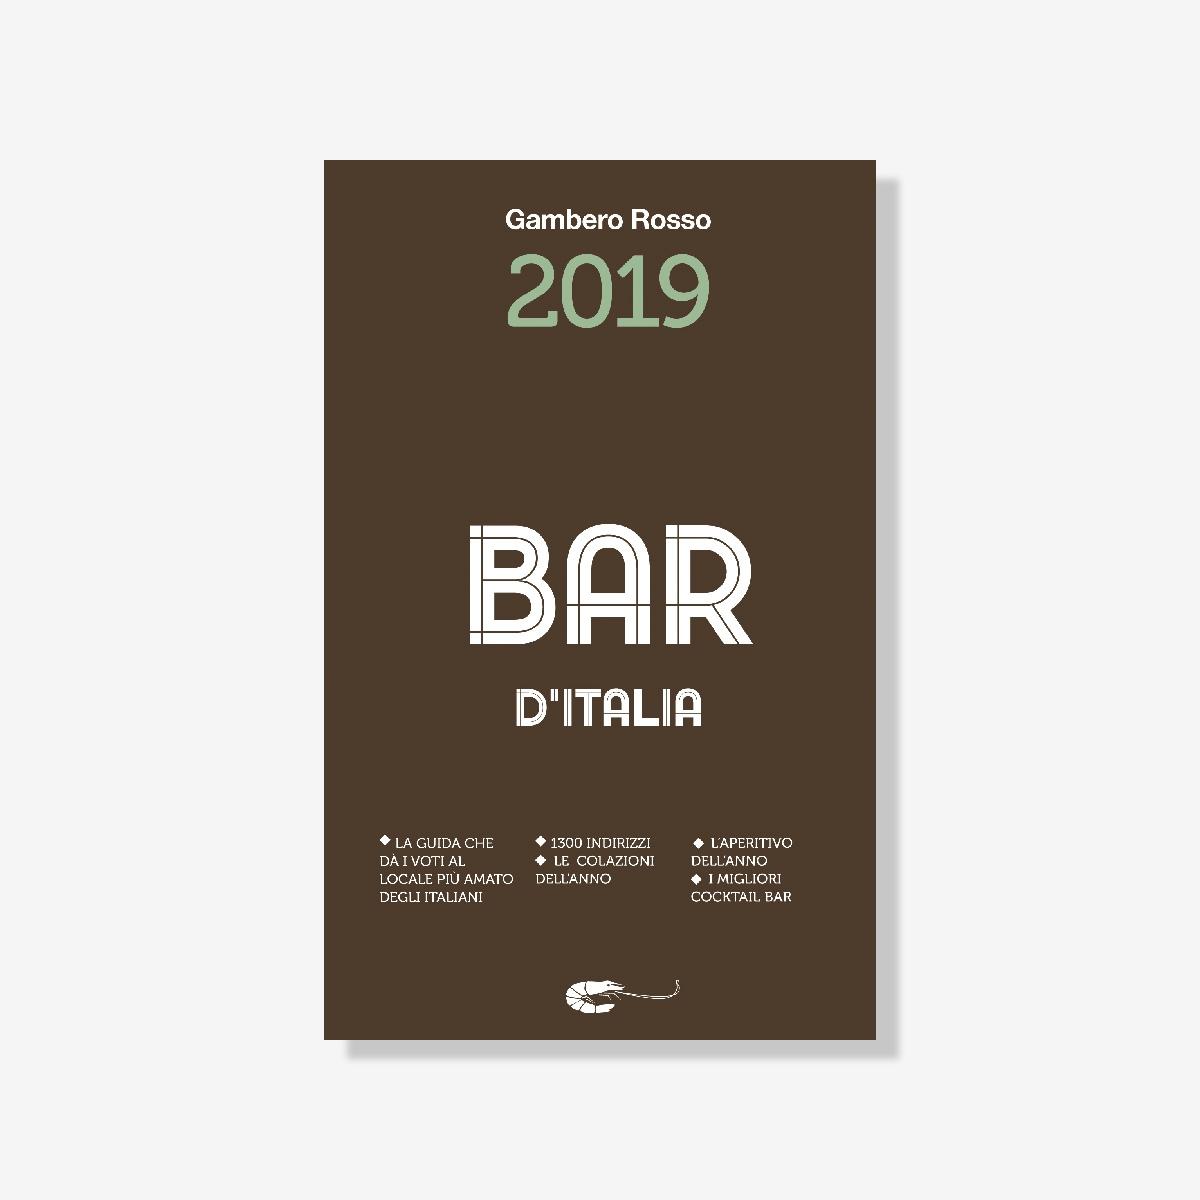 Risultati immagini per bar d'italia 2019 2019